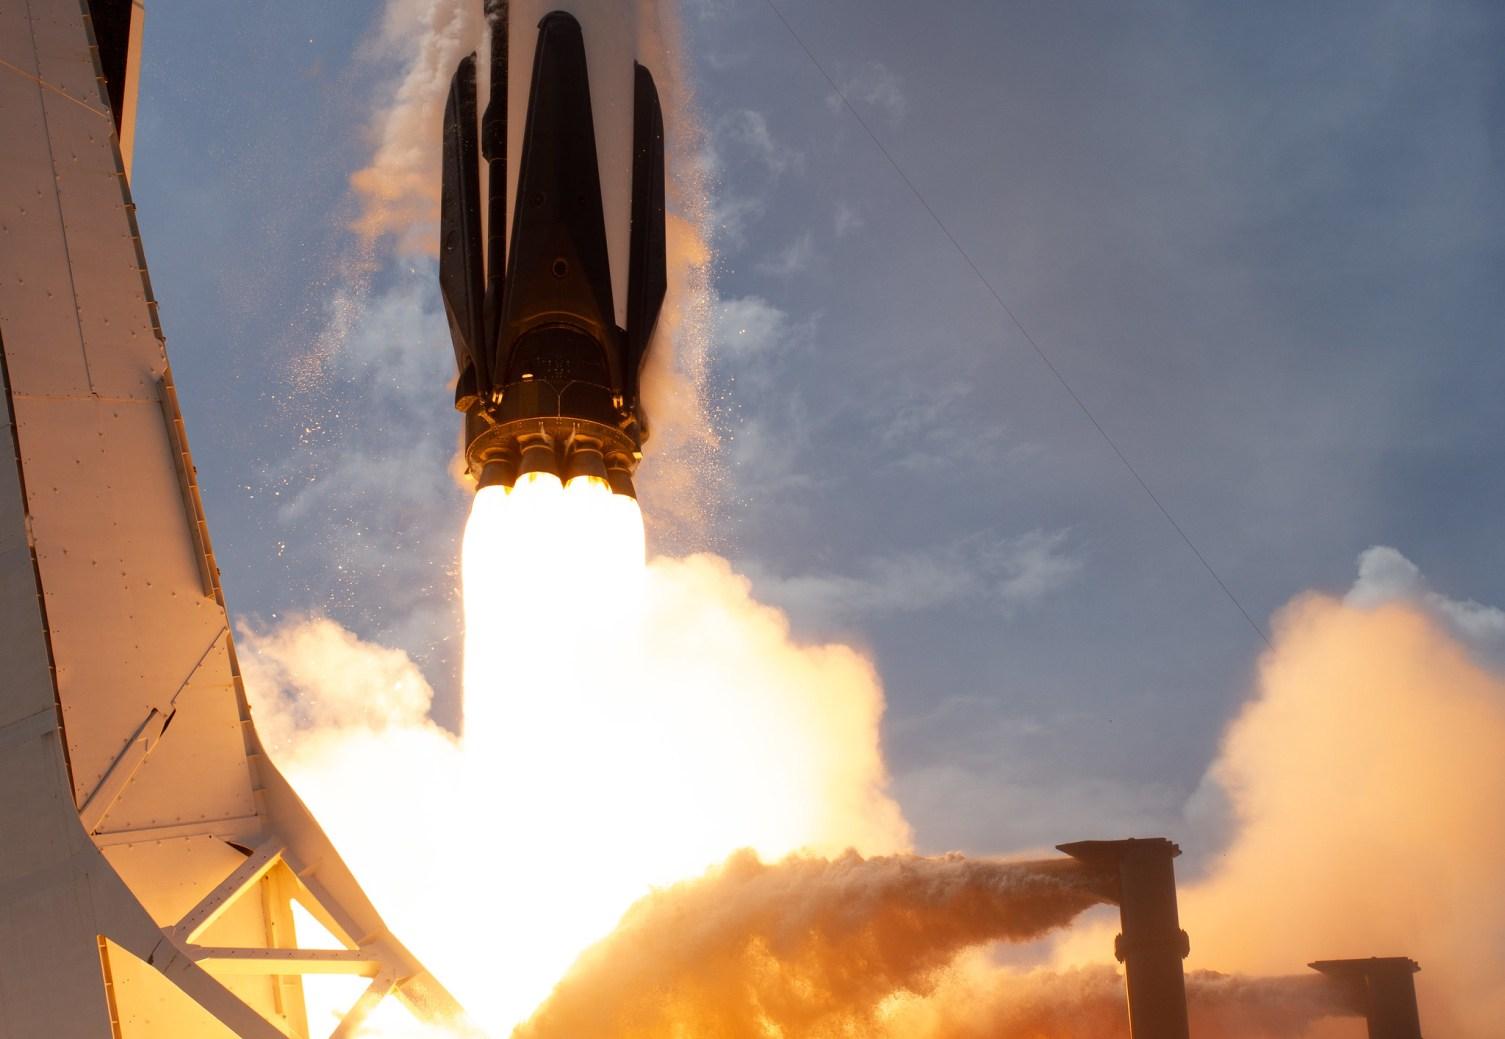 Il razzo SpaceX Falcon 9 che trasporta la navicella spaziale Crew Dragon dell'azienda viene lanciato sulla missione SpaceX Demo-2 della NASA alla Stazione Spaziale Internazionale.